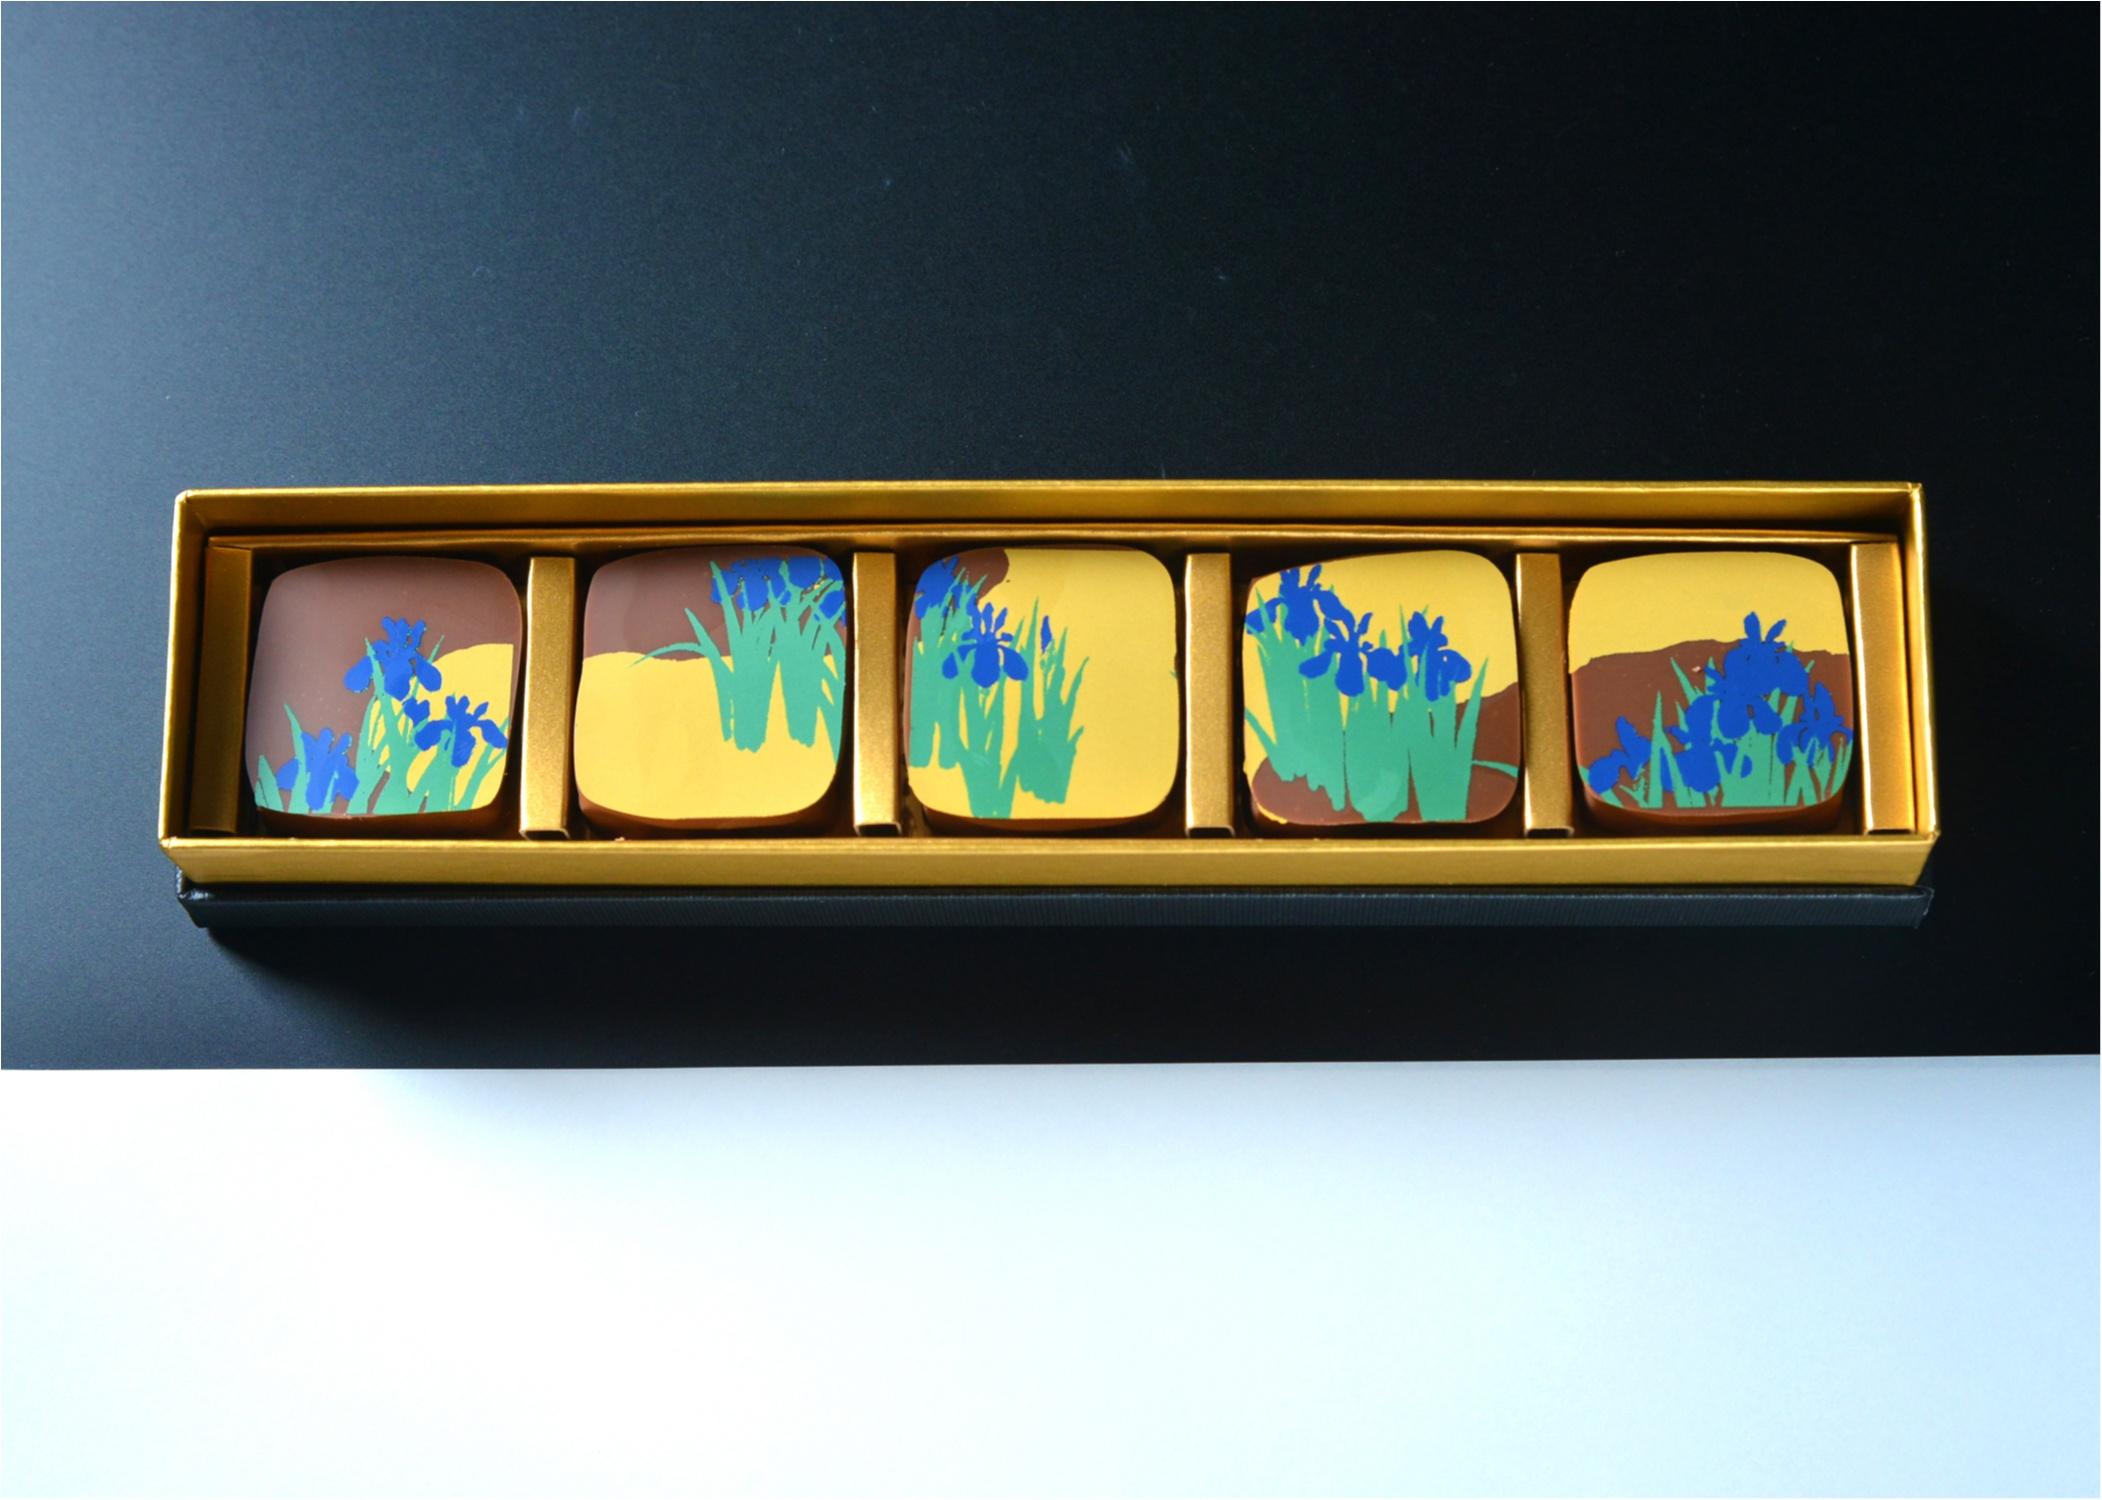 東京で買えるのは今だけ☆ 箱根の『岡田美術館』オリジナルの和チョコレートがクールすぎる……!_2_3